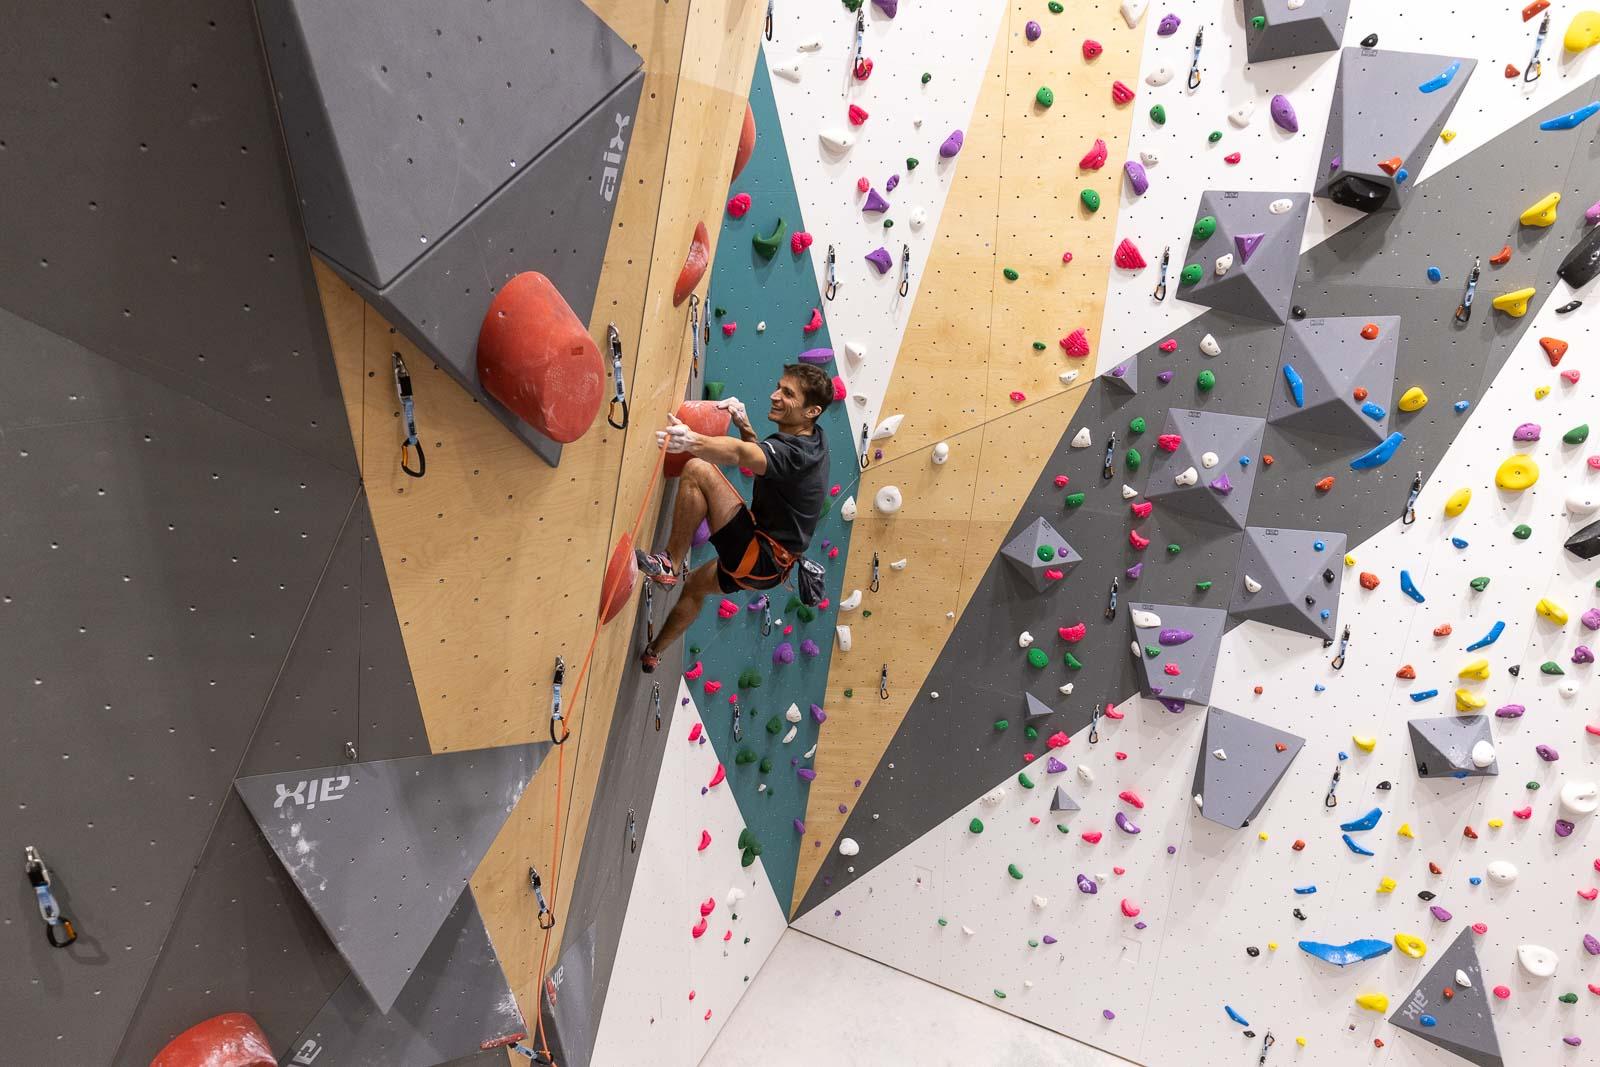 Réouverture des salles de sport : salle d'escalade Climb Up